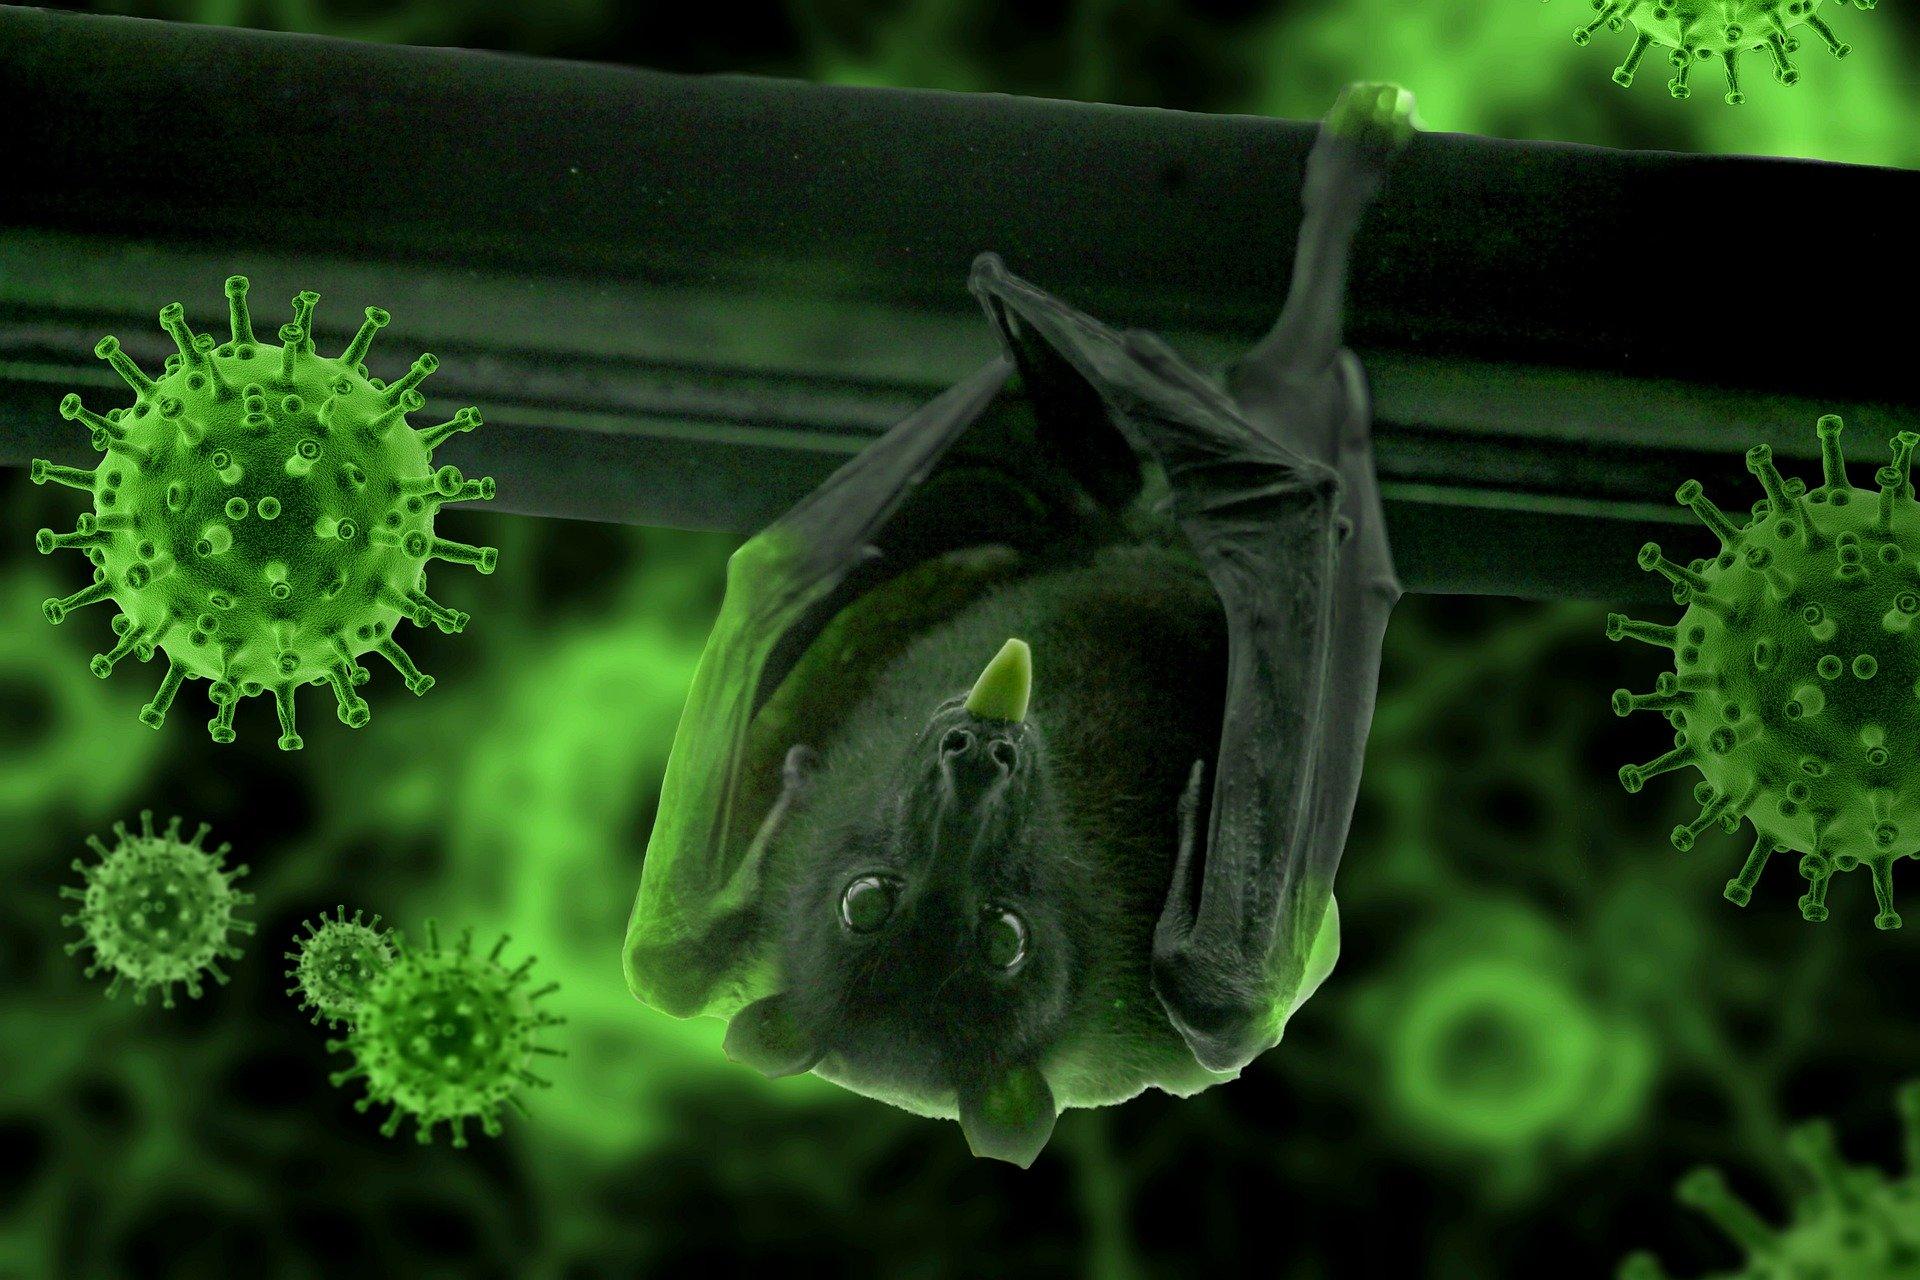 Spriječite širenje dezinformacija o koronavirusu